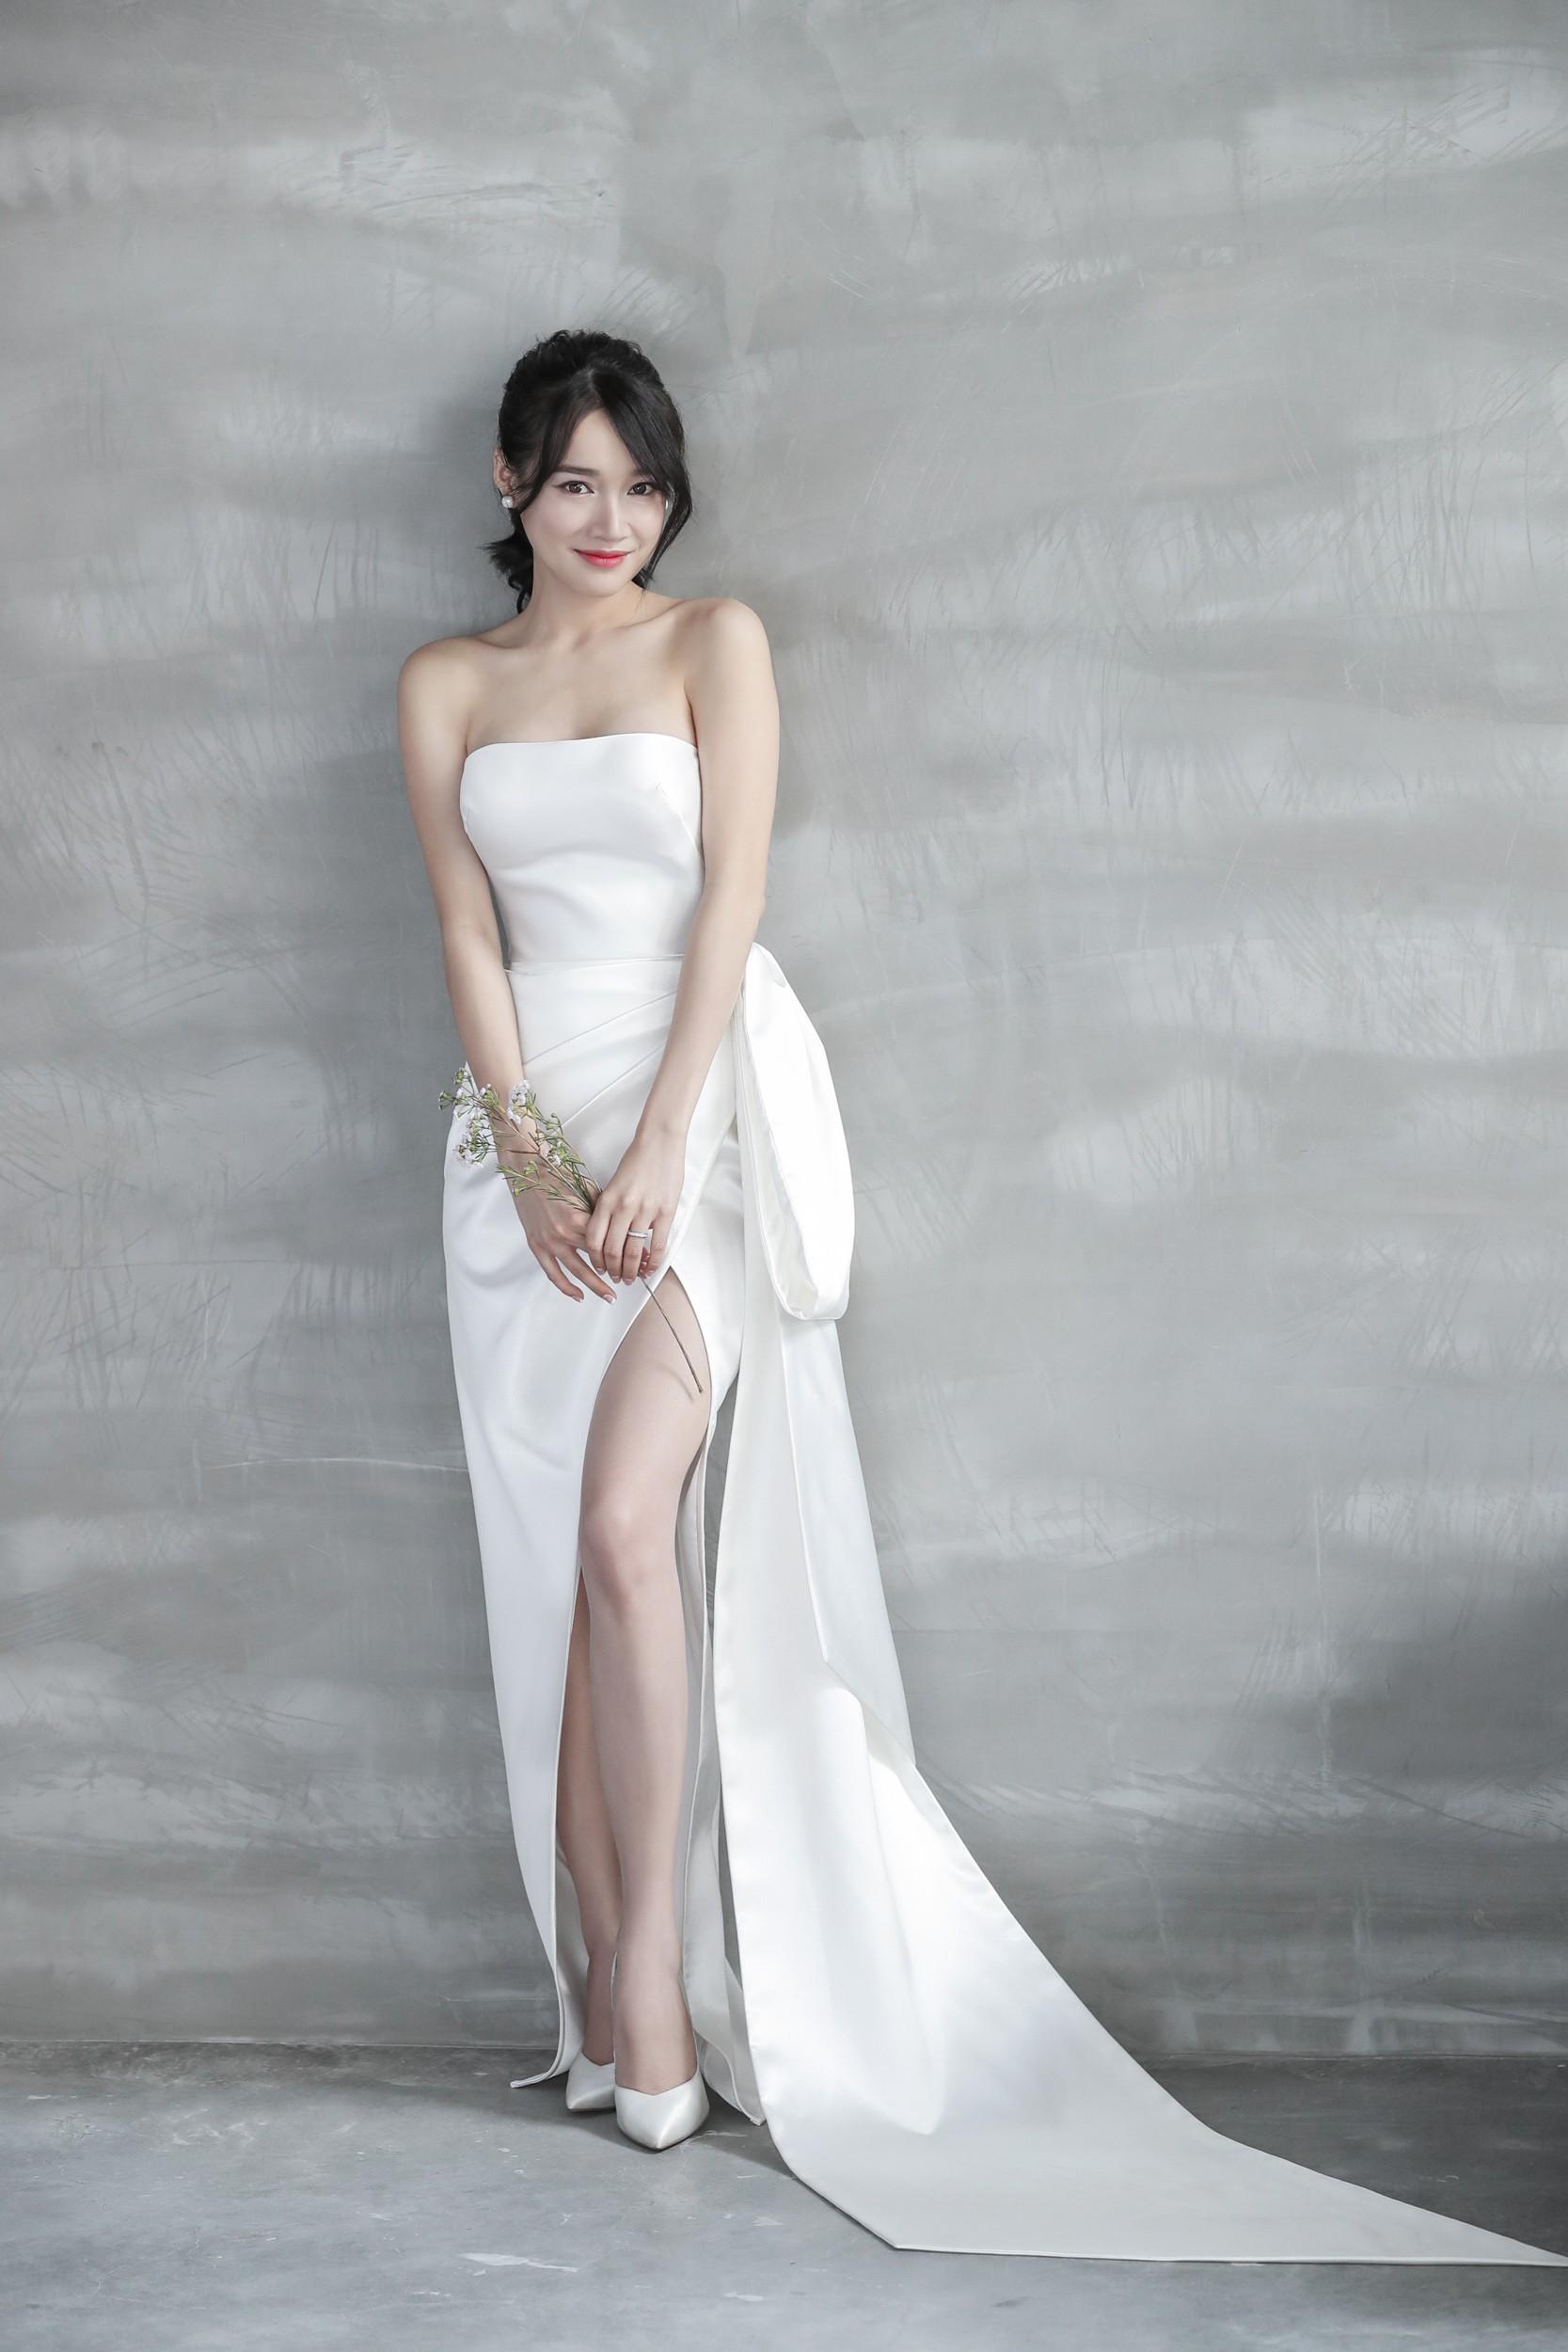 Nhã Phương - Trường Giang tung toàn bộ ảnh cưới tuyệt đẹp - Ảnh 1.